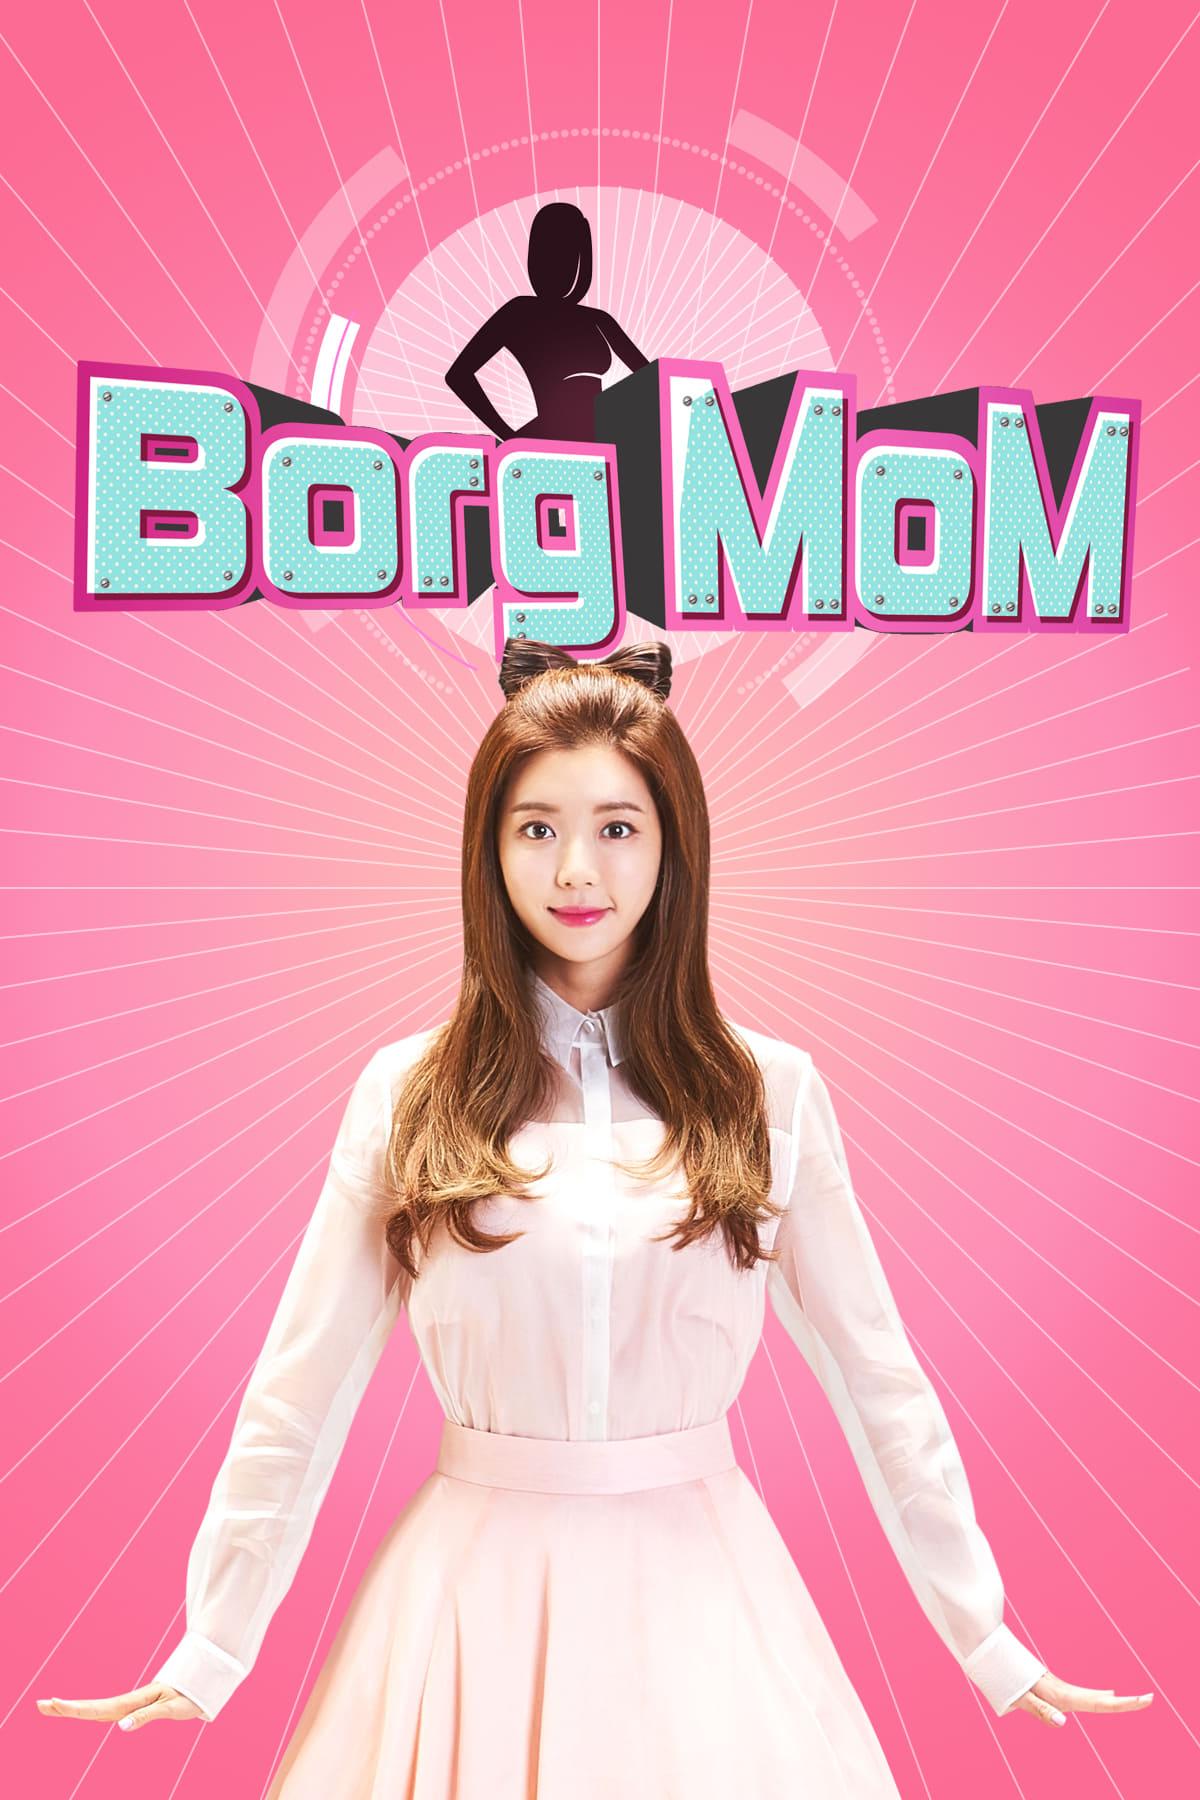 Borg Mom (2017)